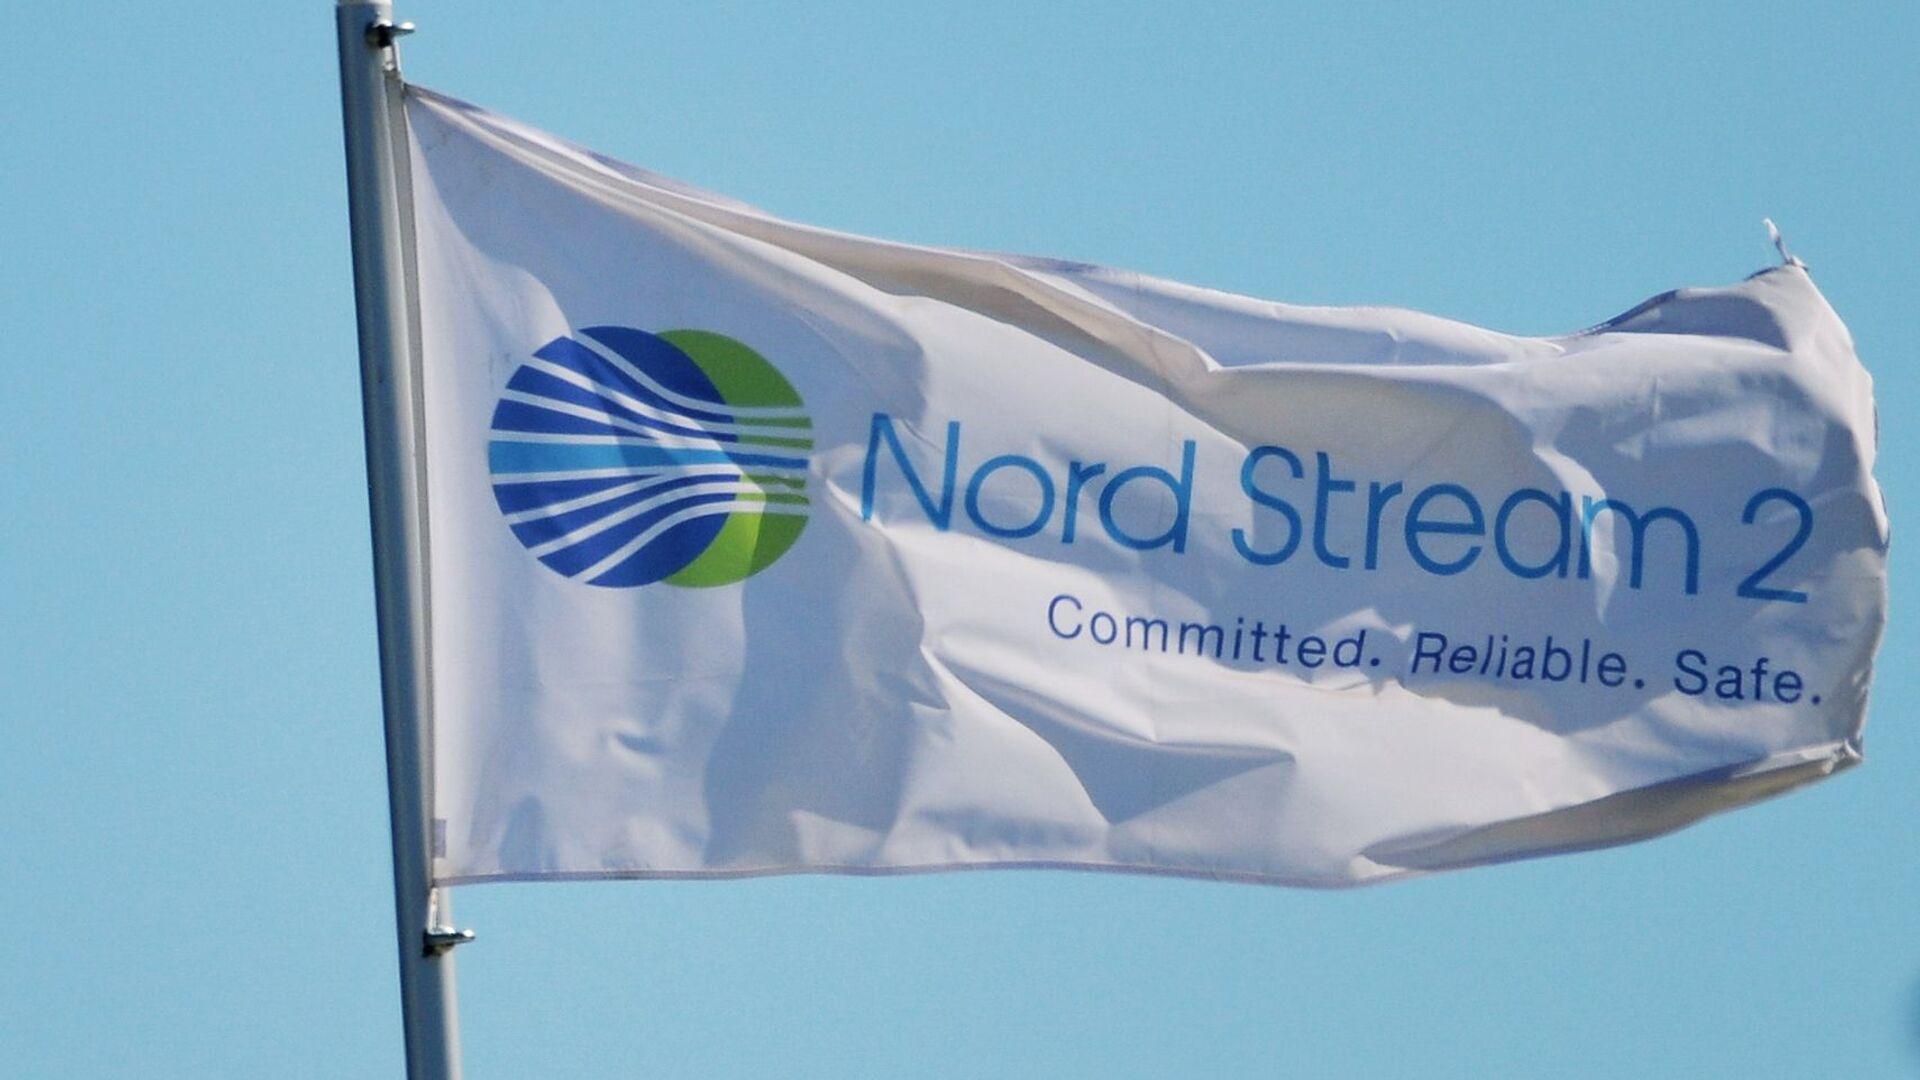 Застава са логом компаније Норд стрим 2 која води изградњу гасовода Северни ток 2 у Немачкој - Sputnik Србија, 1920, 02.09.2021